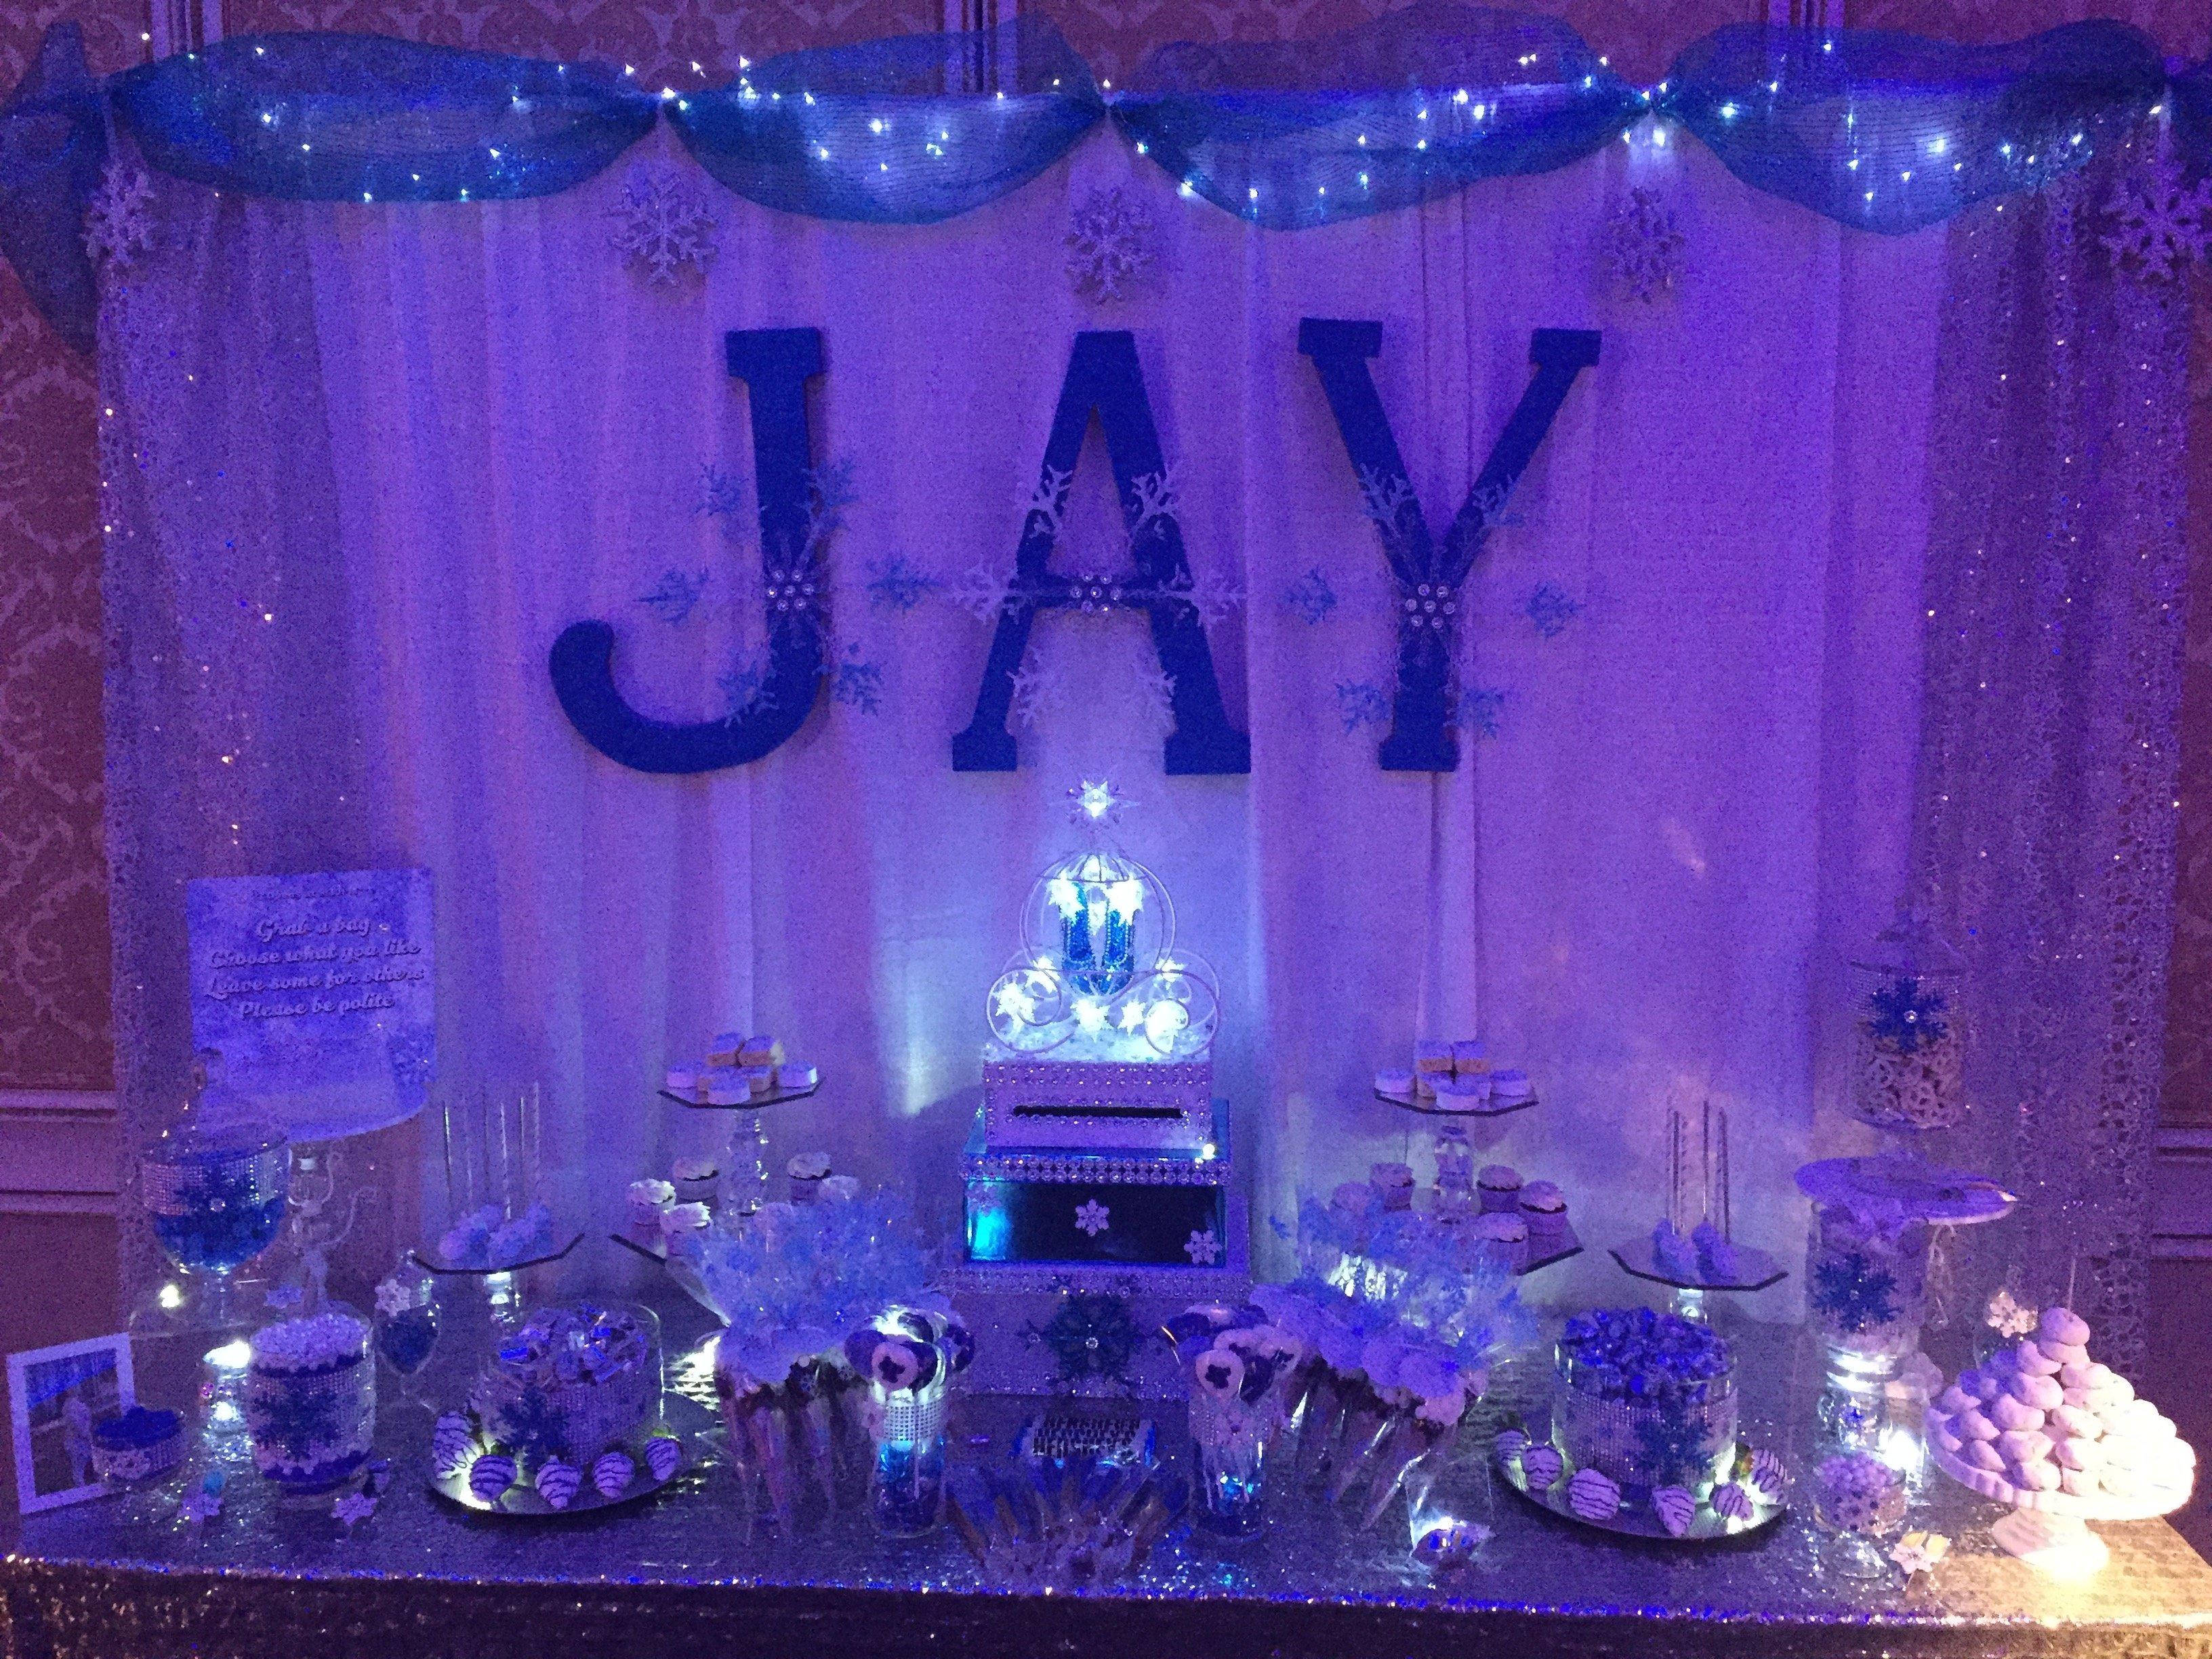 10 Fabulous Winter Wonderland Sweet 16 Ideas sweets table winter wonderland sweet 16 winter wonderland sweet 2020